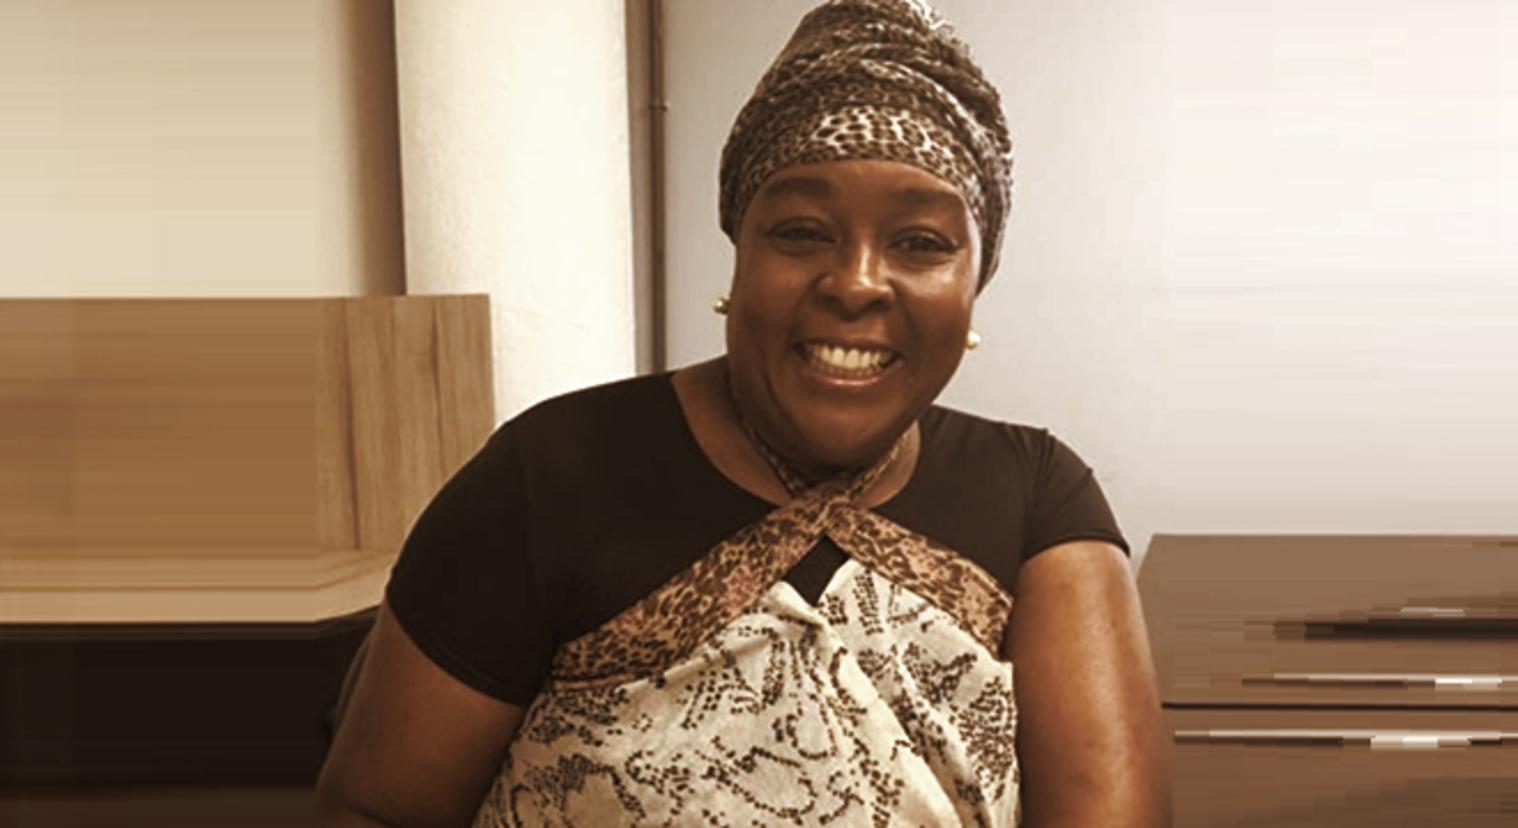 Regina Celia - mulher negra, usando turbante e blusa marrom - sentada sorrindo